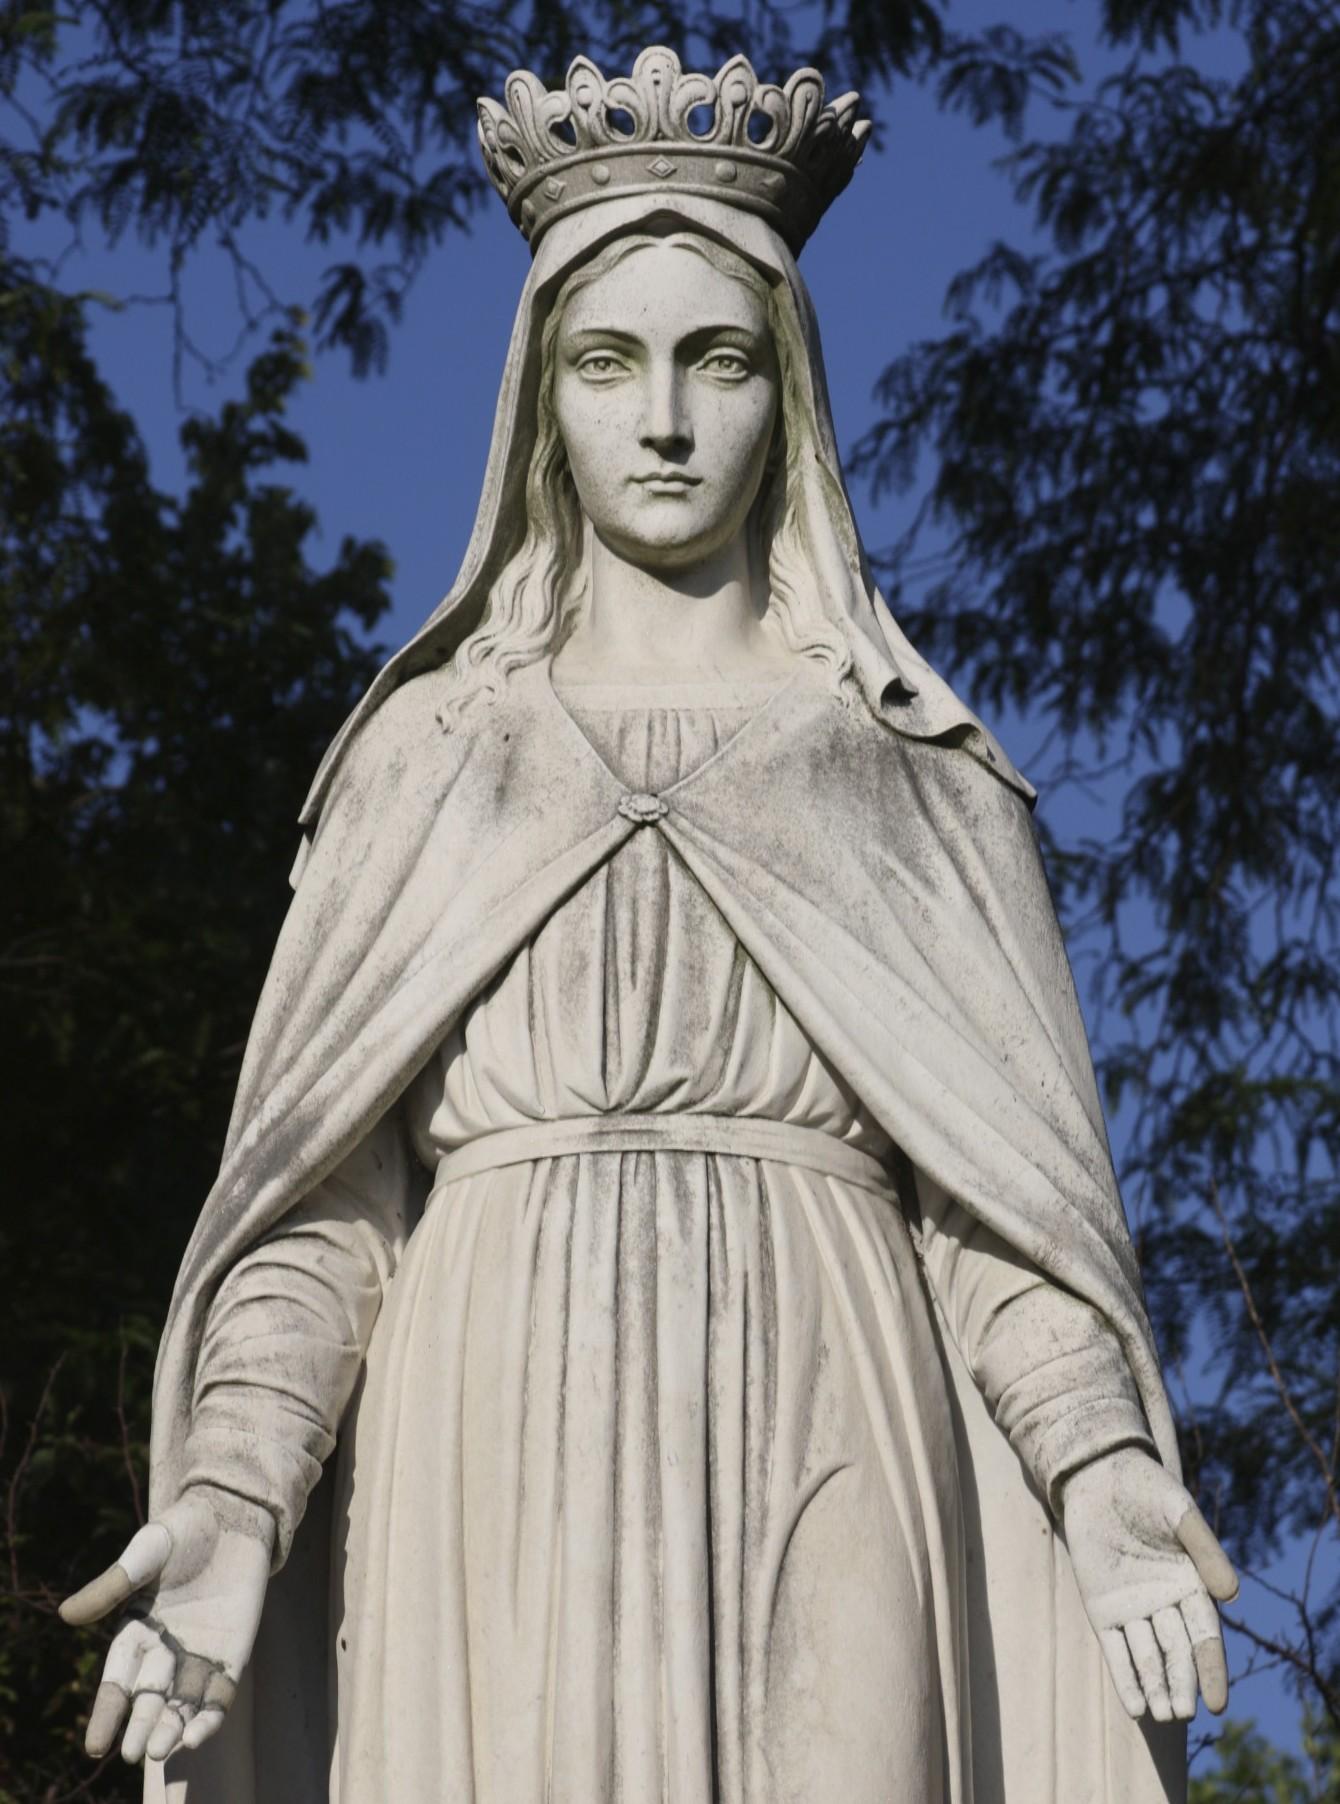 Fatimské zjevení Panny Marie, Panna Marie Fatimská